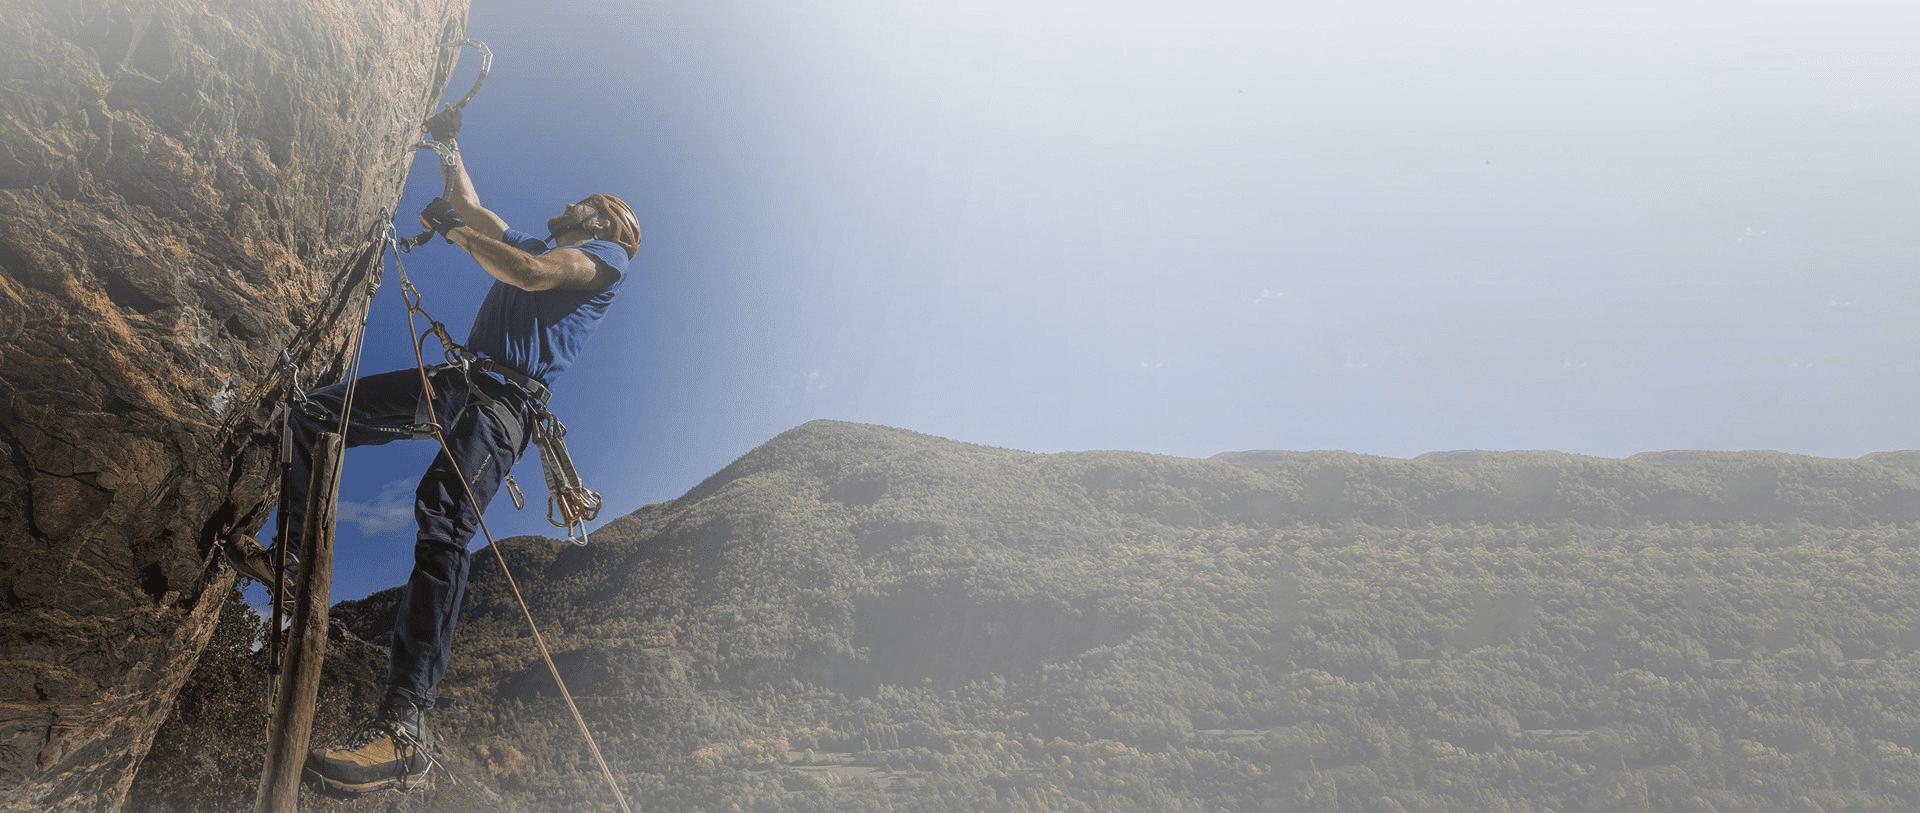 Escalador utlizando ropa de escalada Solo Climb